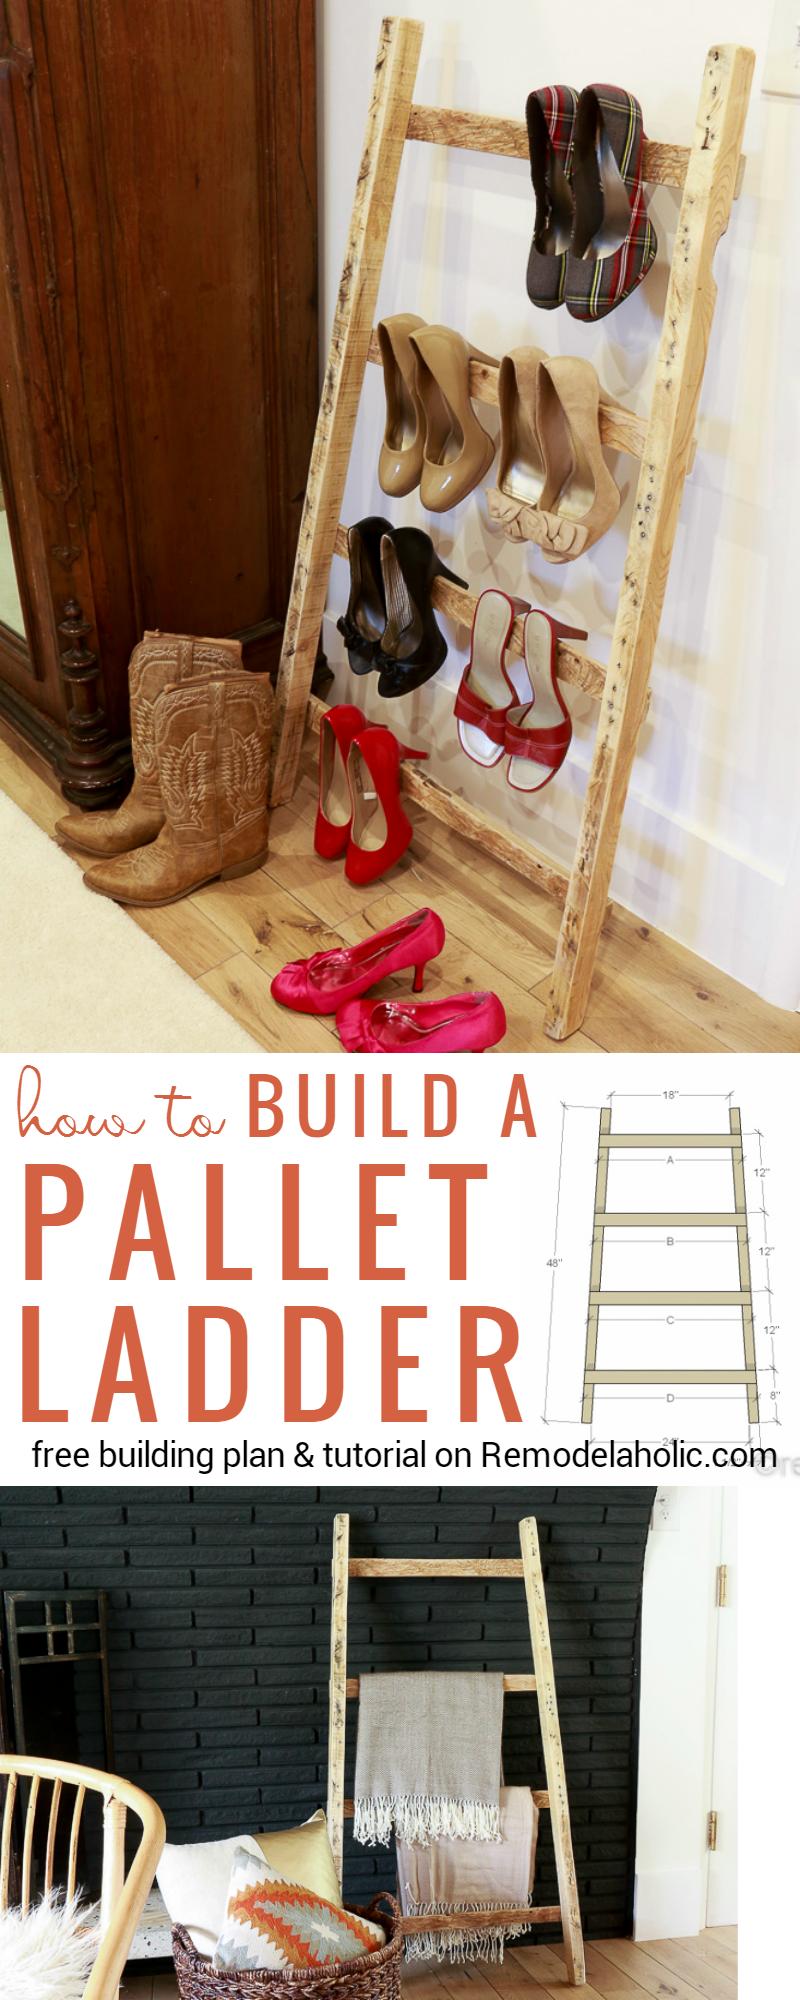 Remodelaholic Pallet Blanket Ladder Tutorial For Quilts Or Shoe Storage